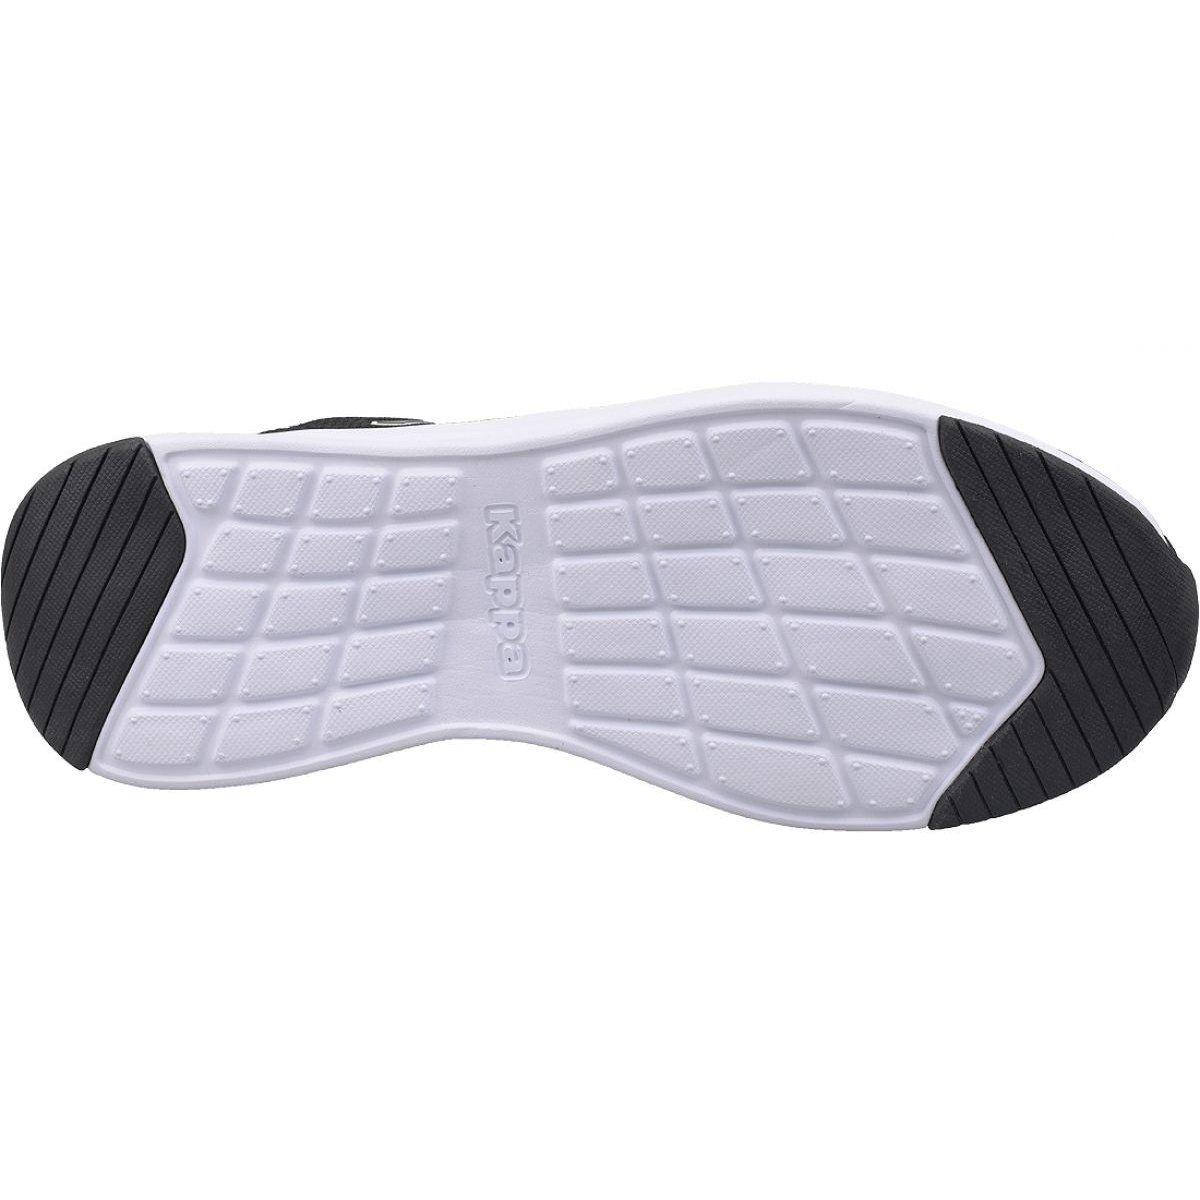 Kappa Klasen Shoes M 242771 1110 Black Shoes Sports Shoes Black